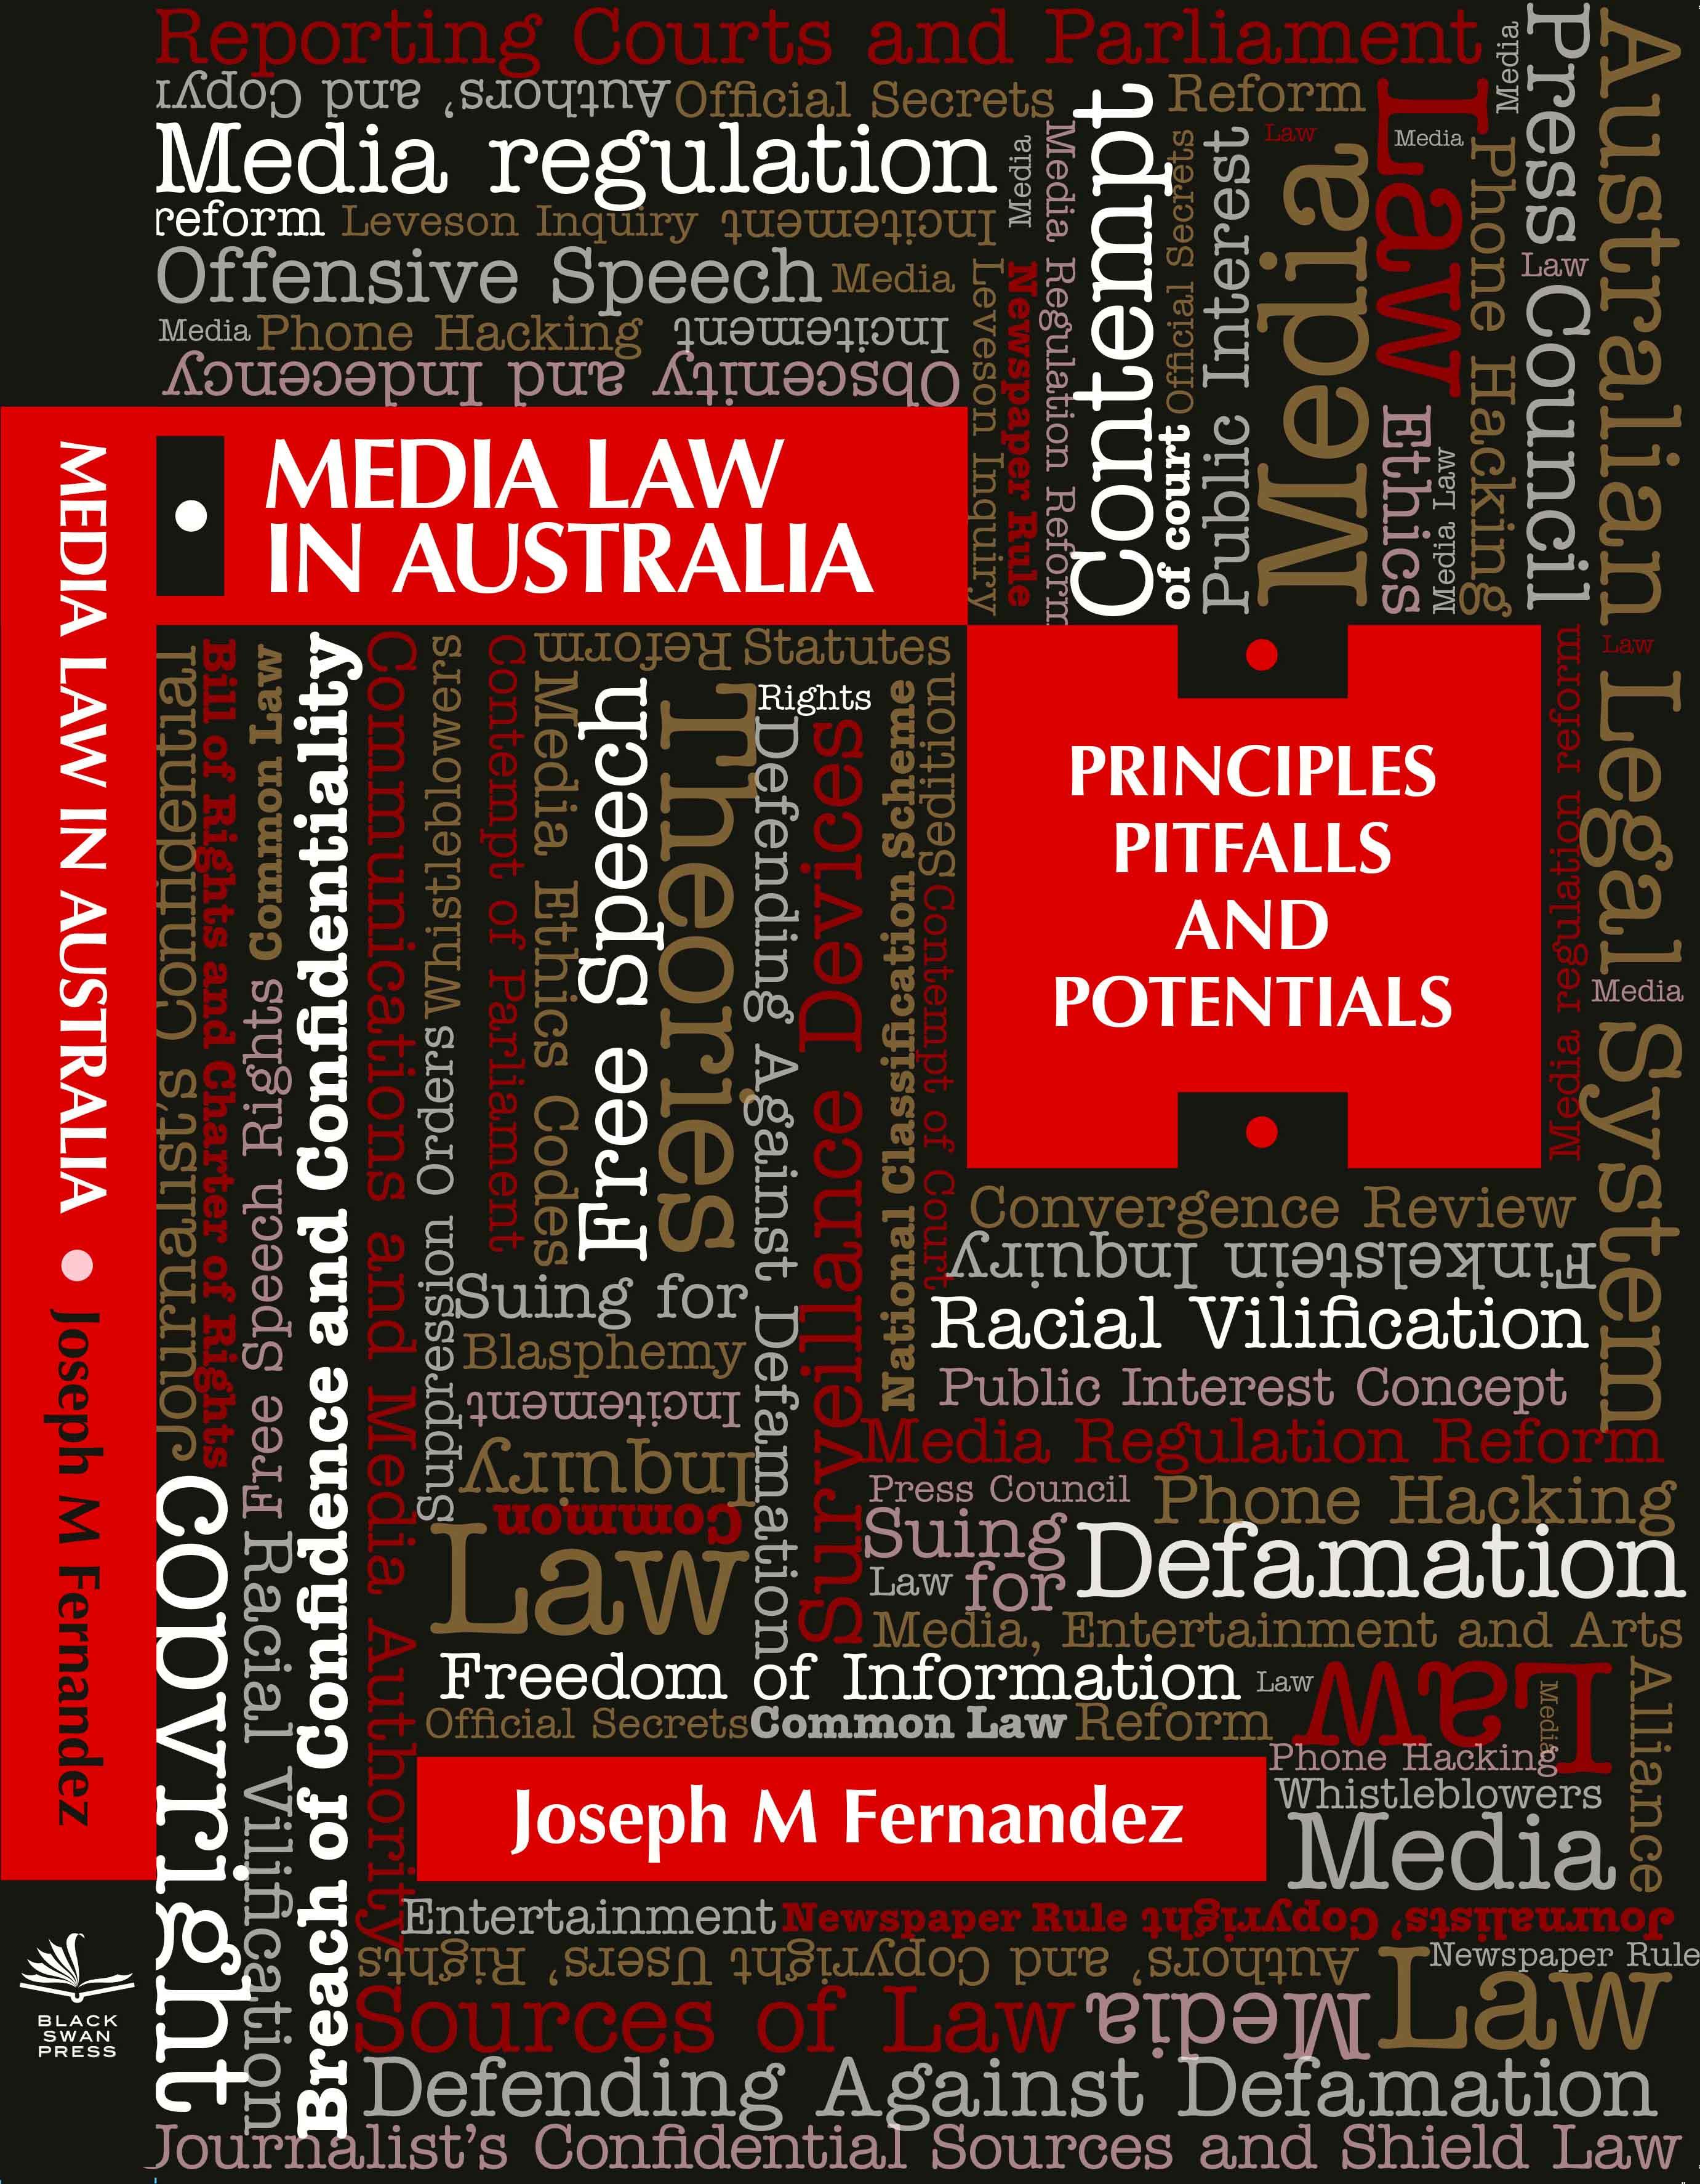 Media Law in Australia book cover by Joseph M Fernandez